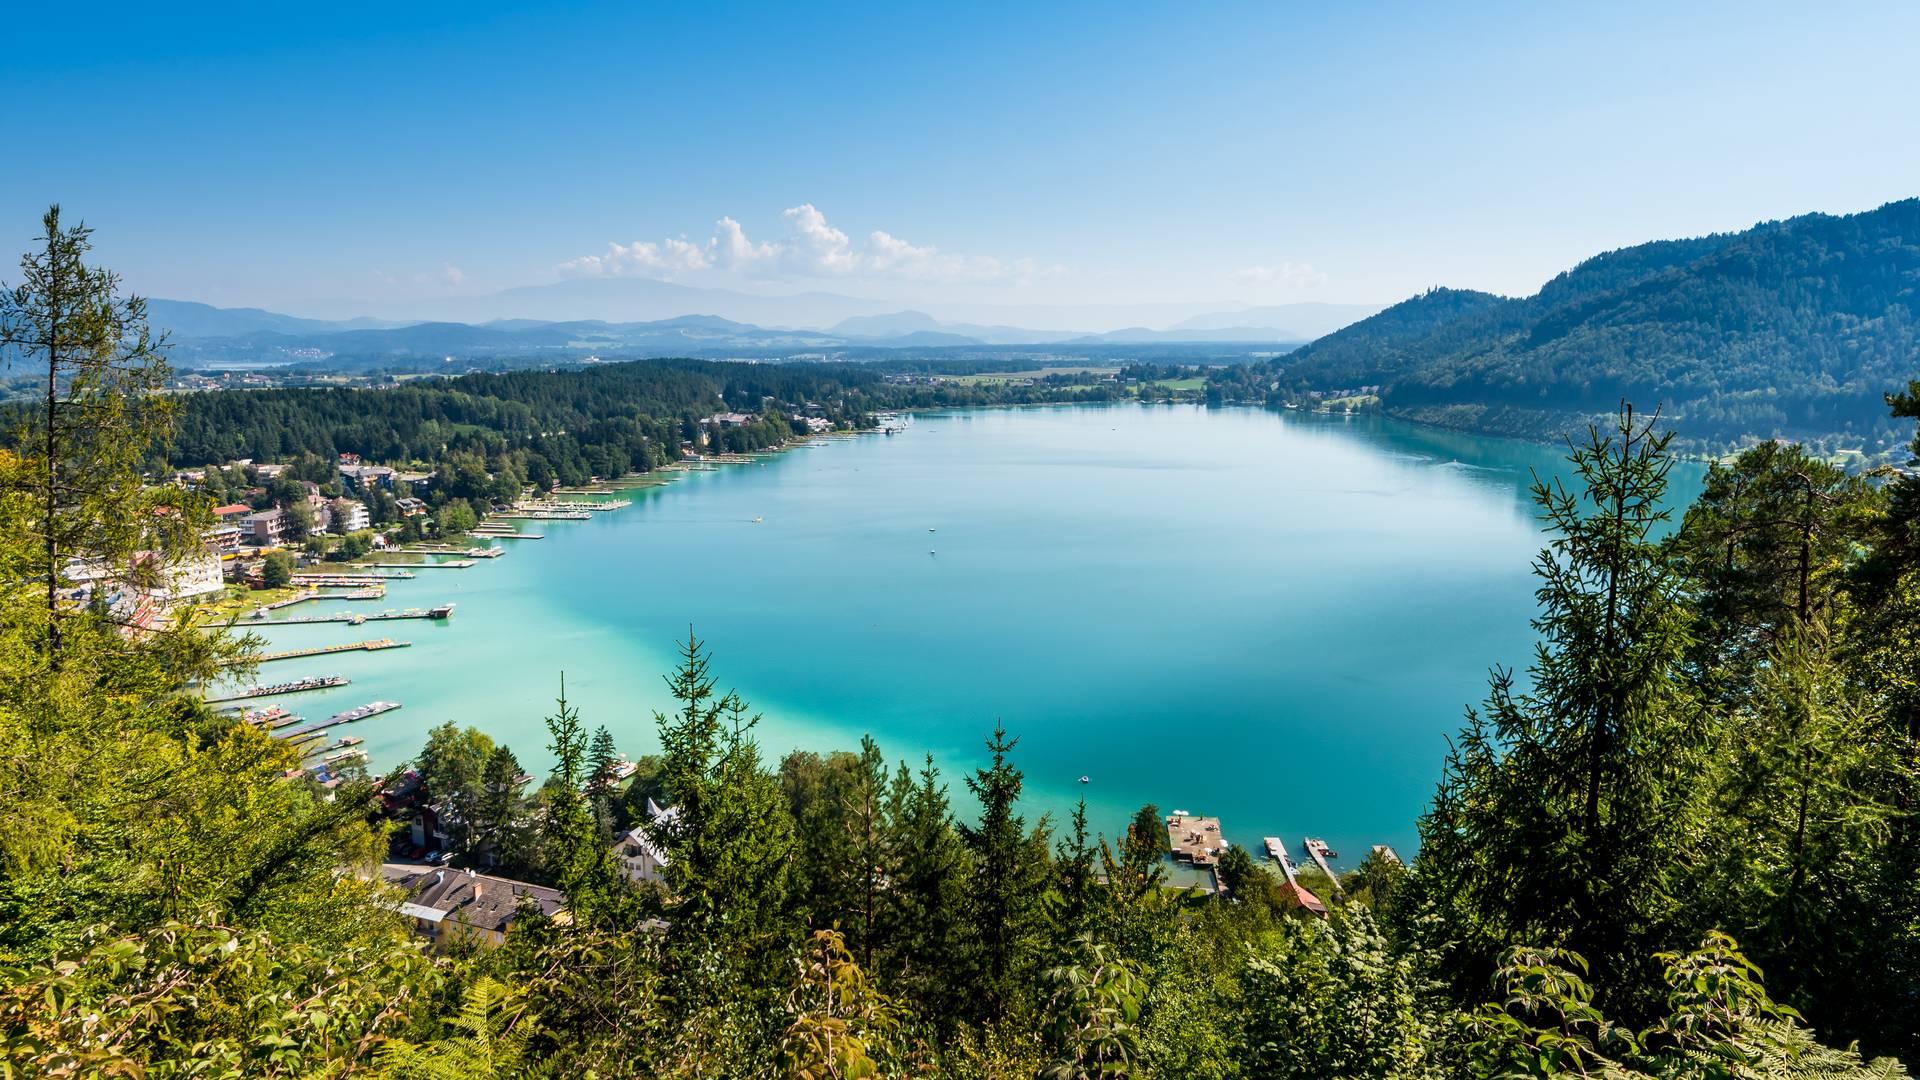 Blick über den Klopeiner See in Kärnten